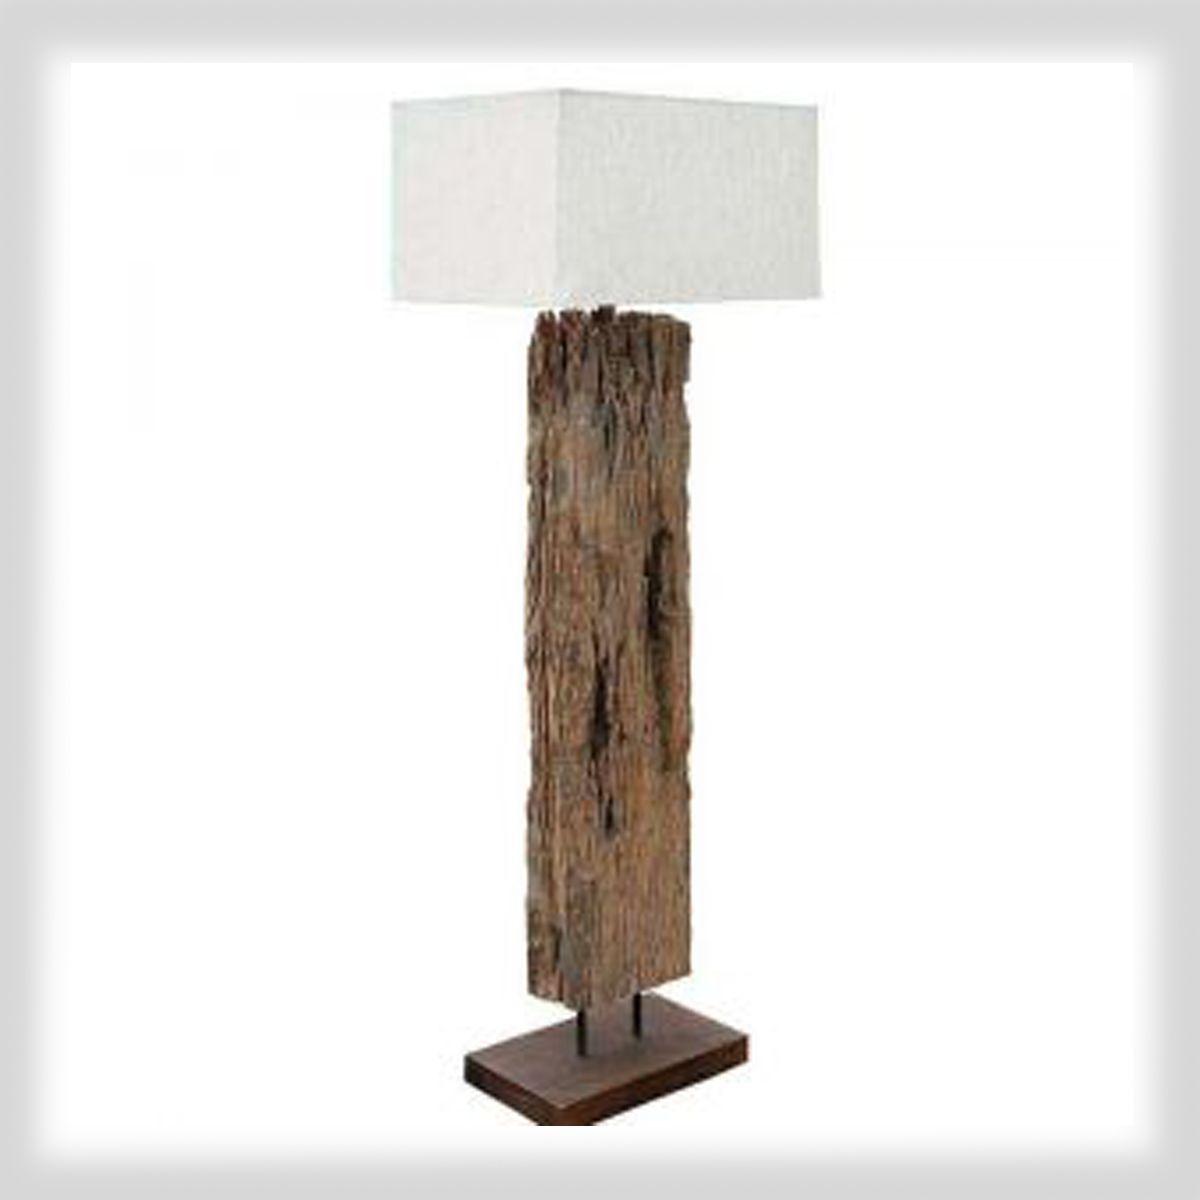 Driftwood Light Driftwood floor lamp - Driftwood Light Driftwood Floor Lamp Lighting Pinterest Home